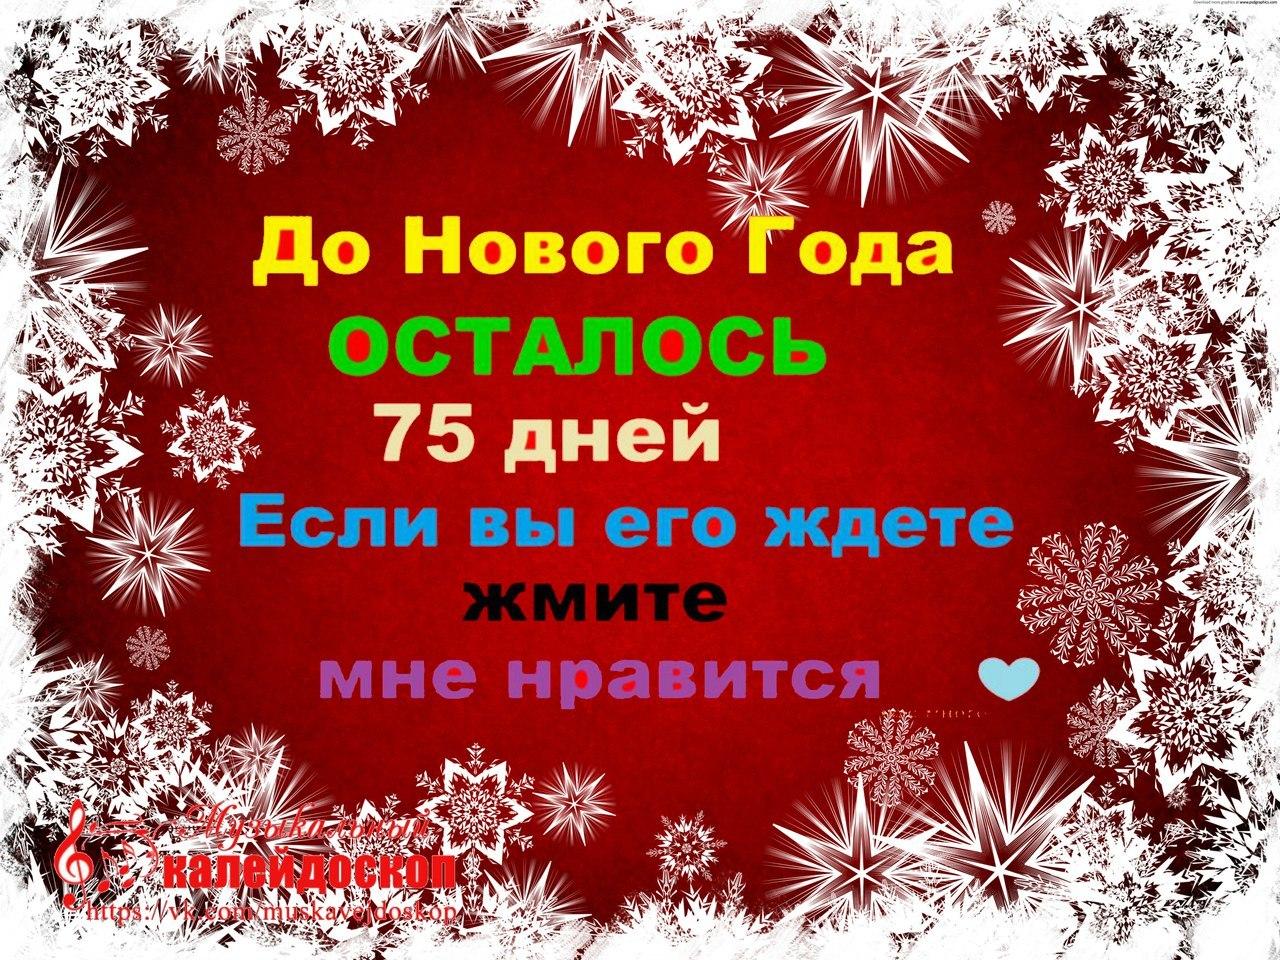 Открытки до нового года осталось 7 дней, картинки